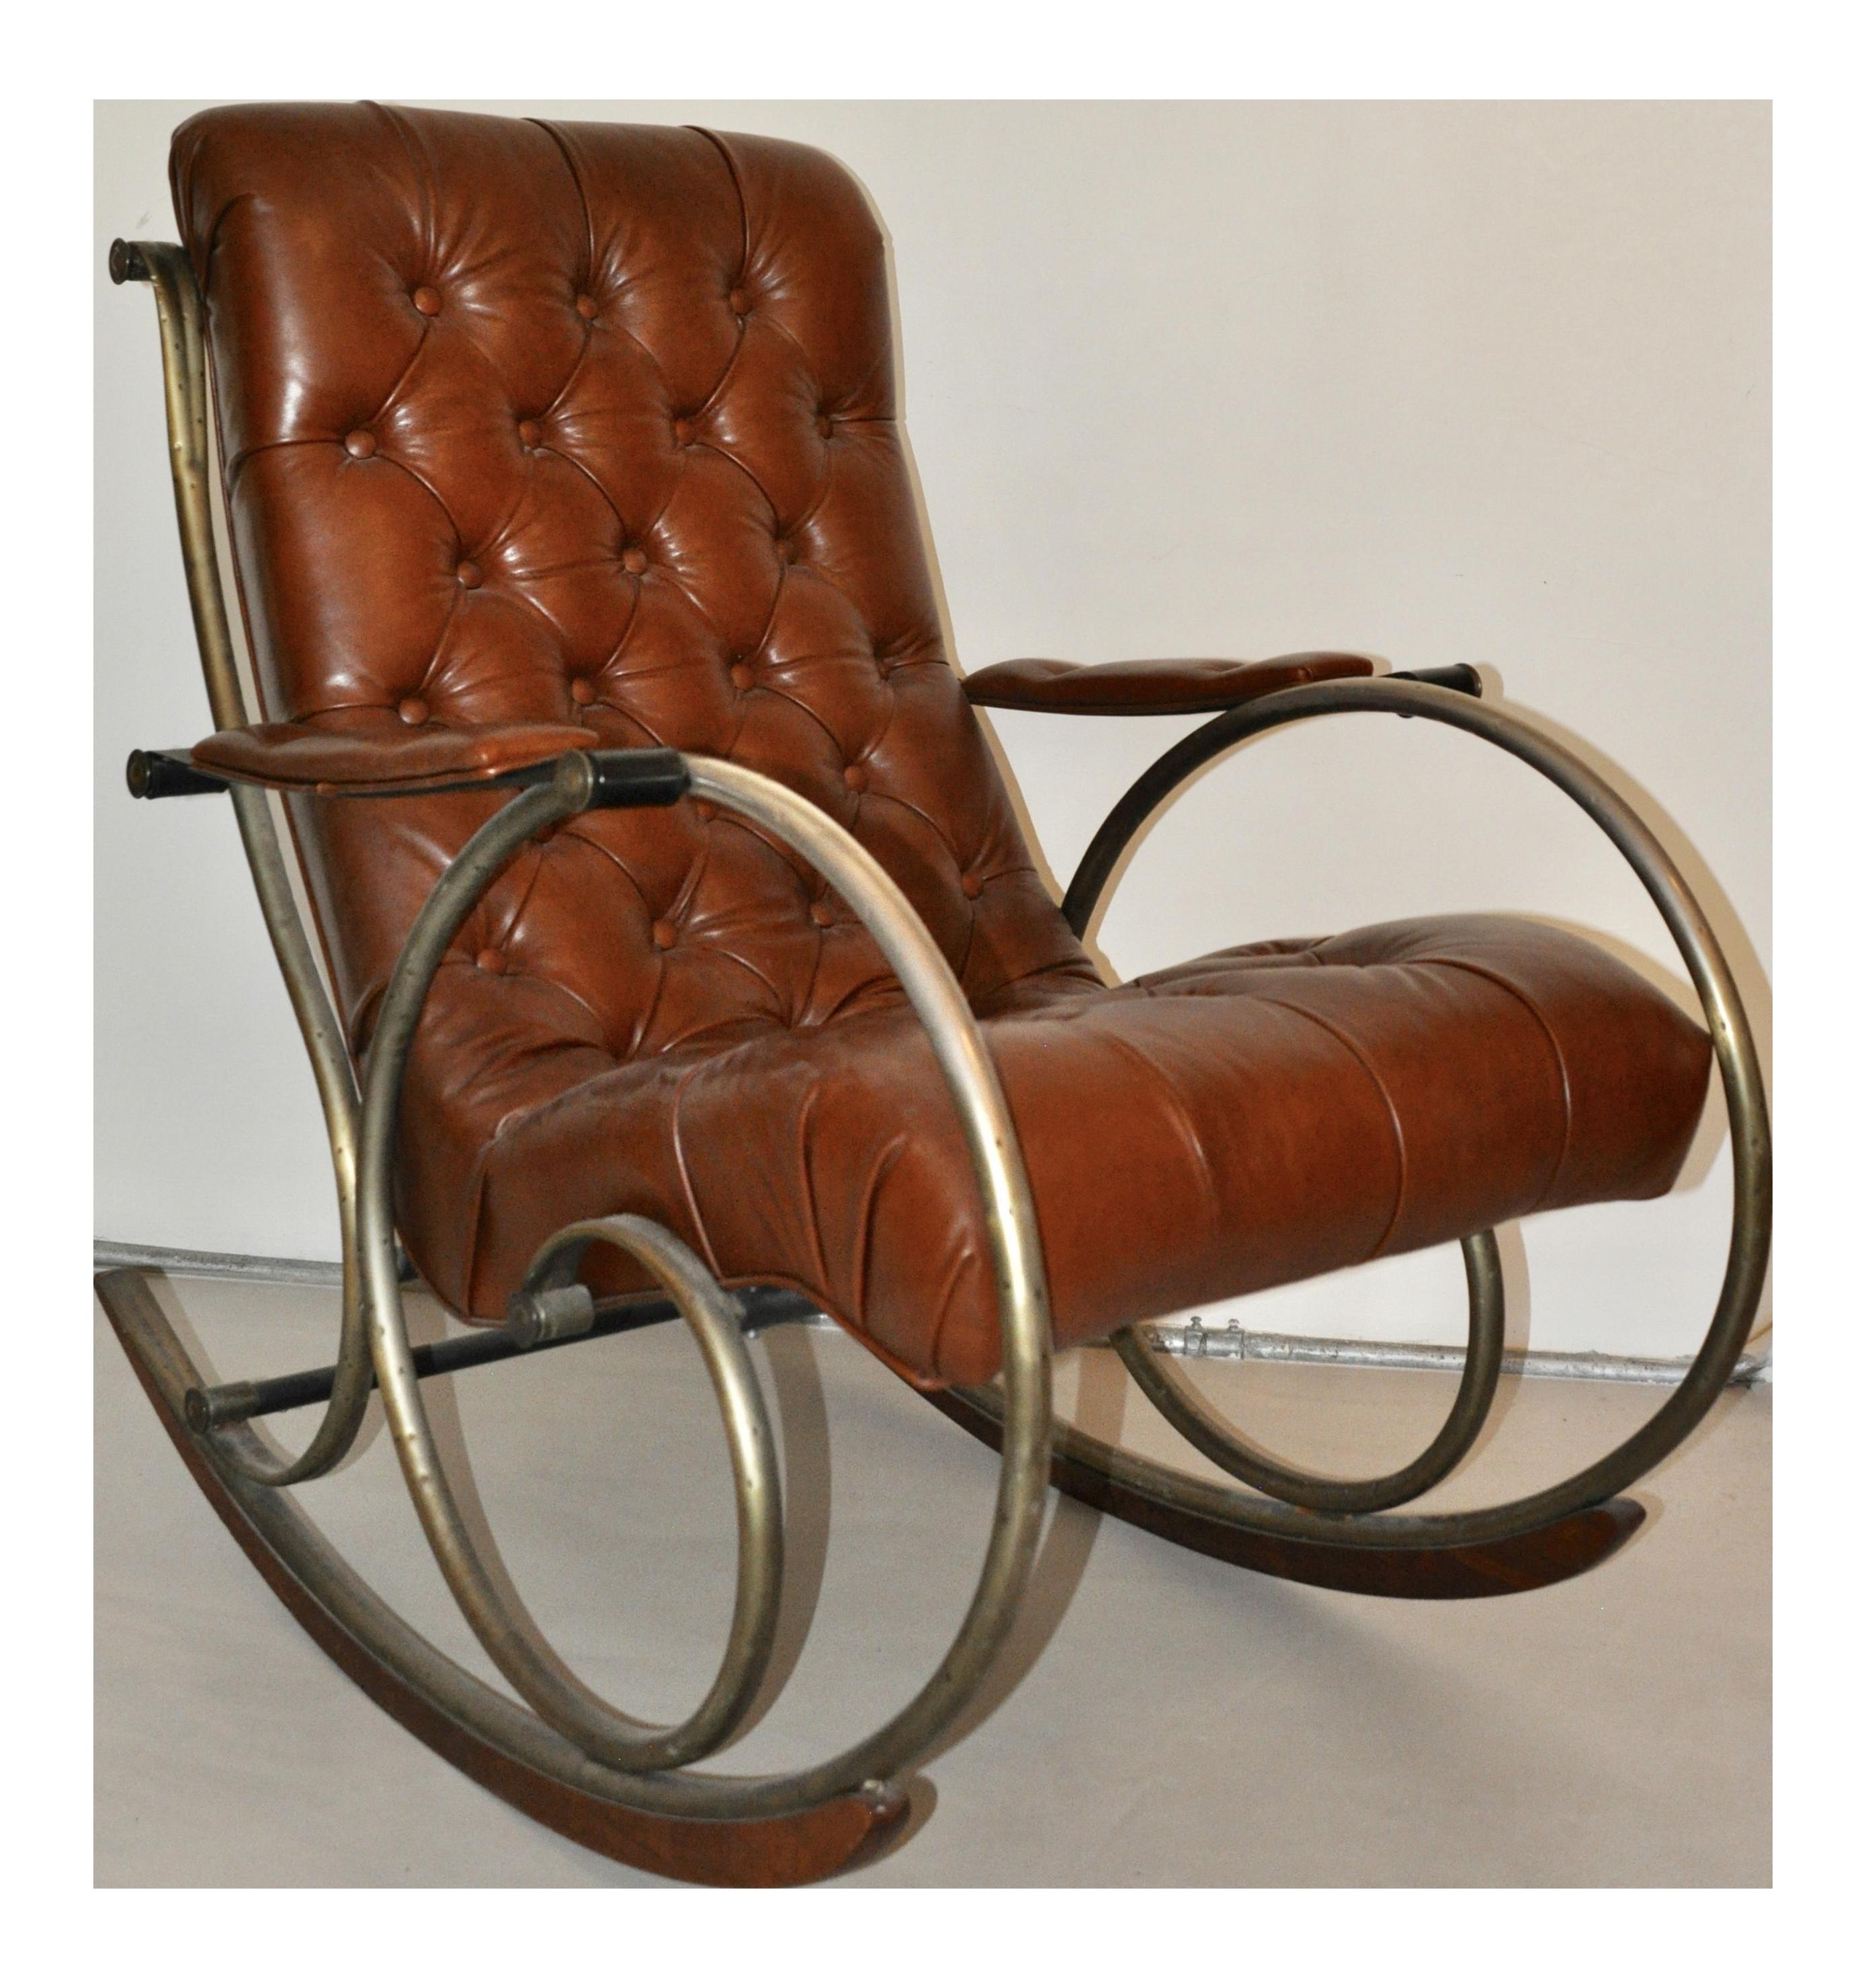 Antique Brass, Steel & Leather Rocking Chair | Chairish